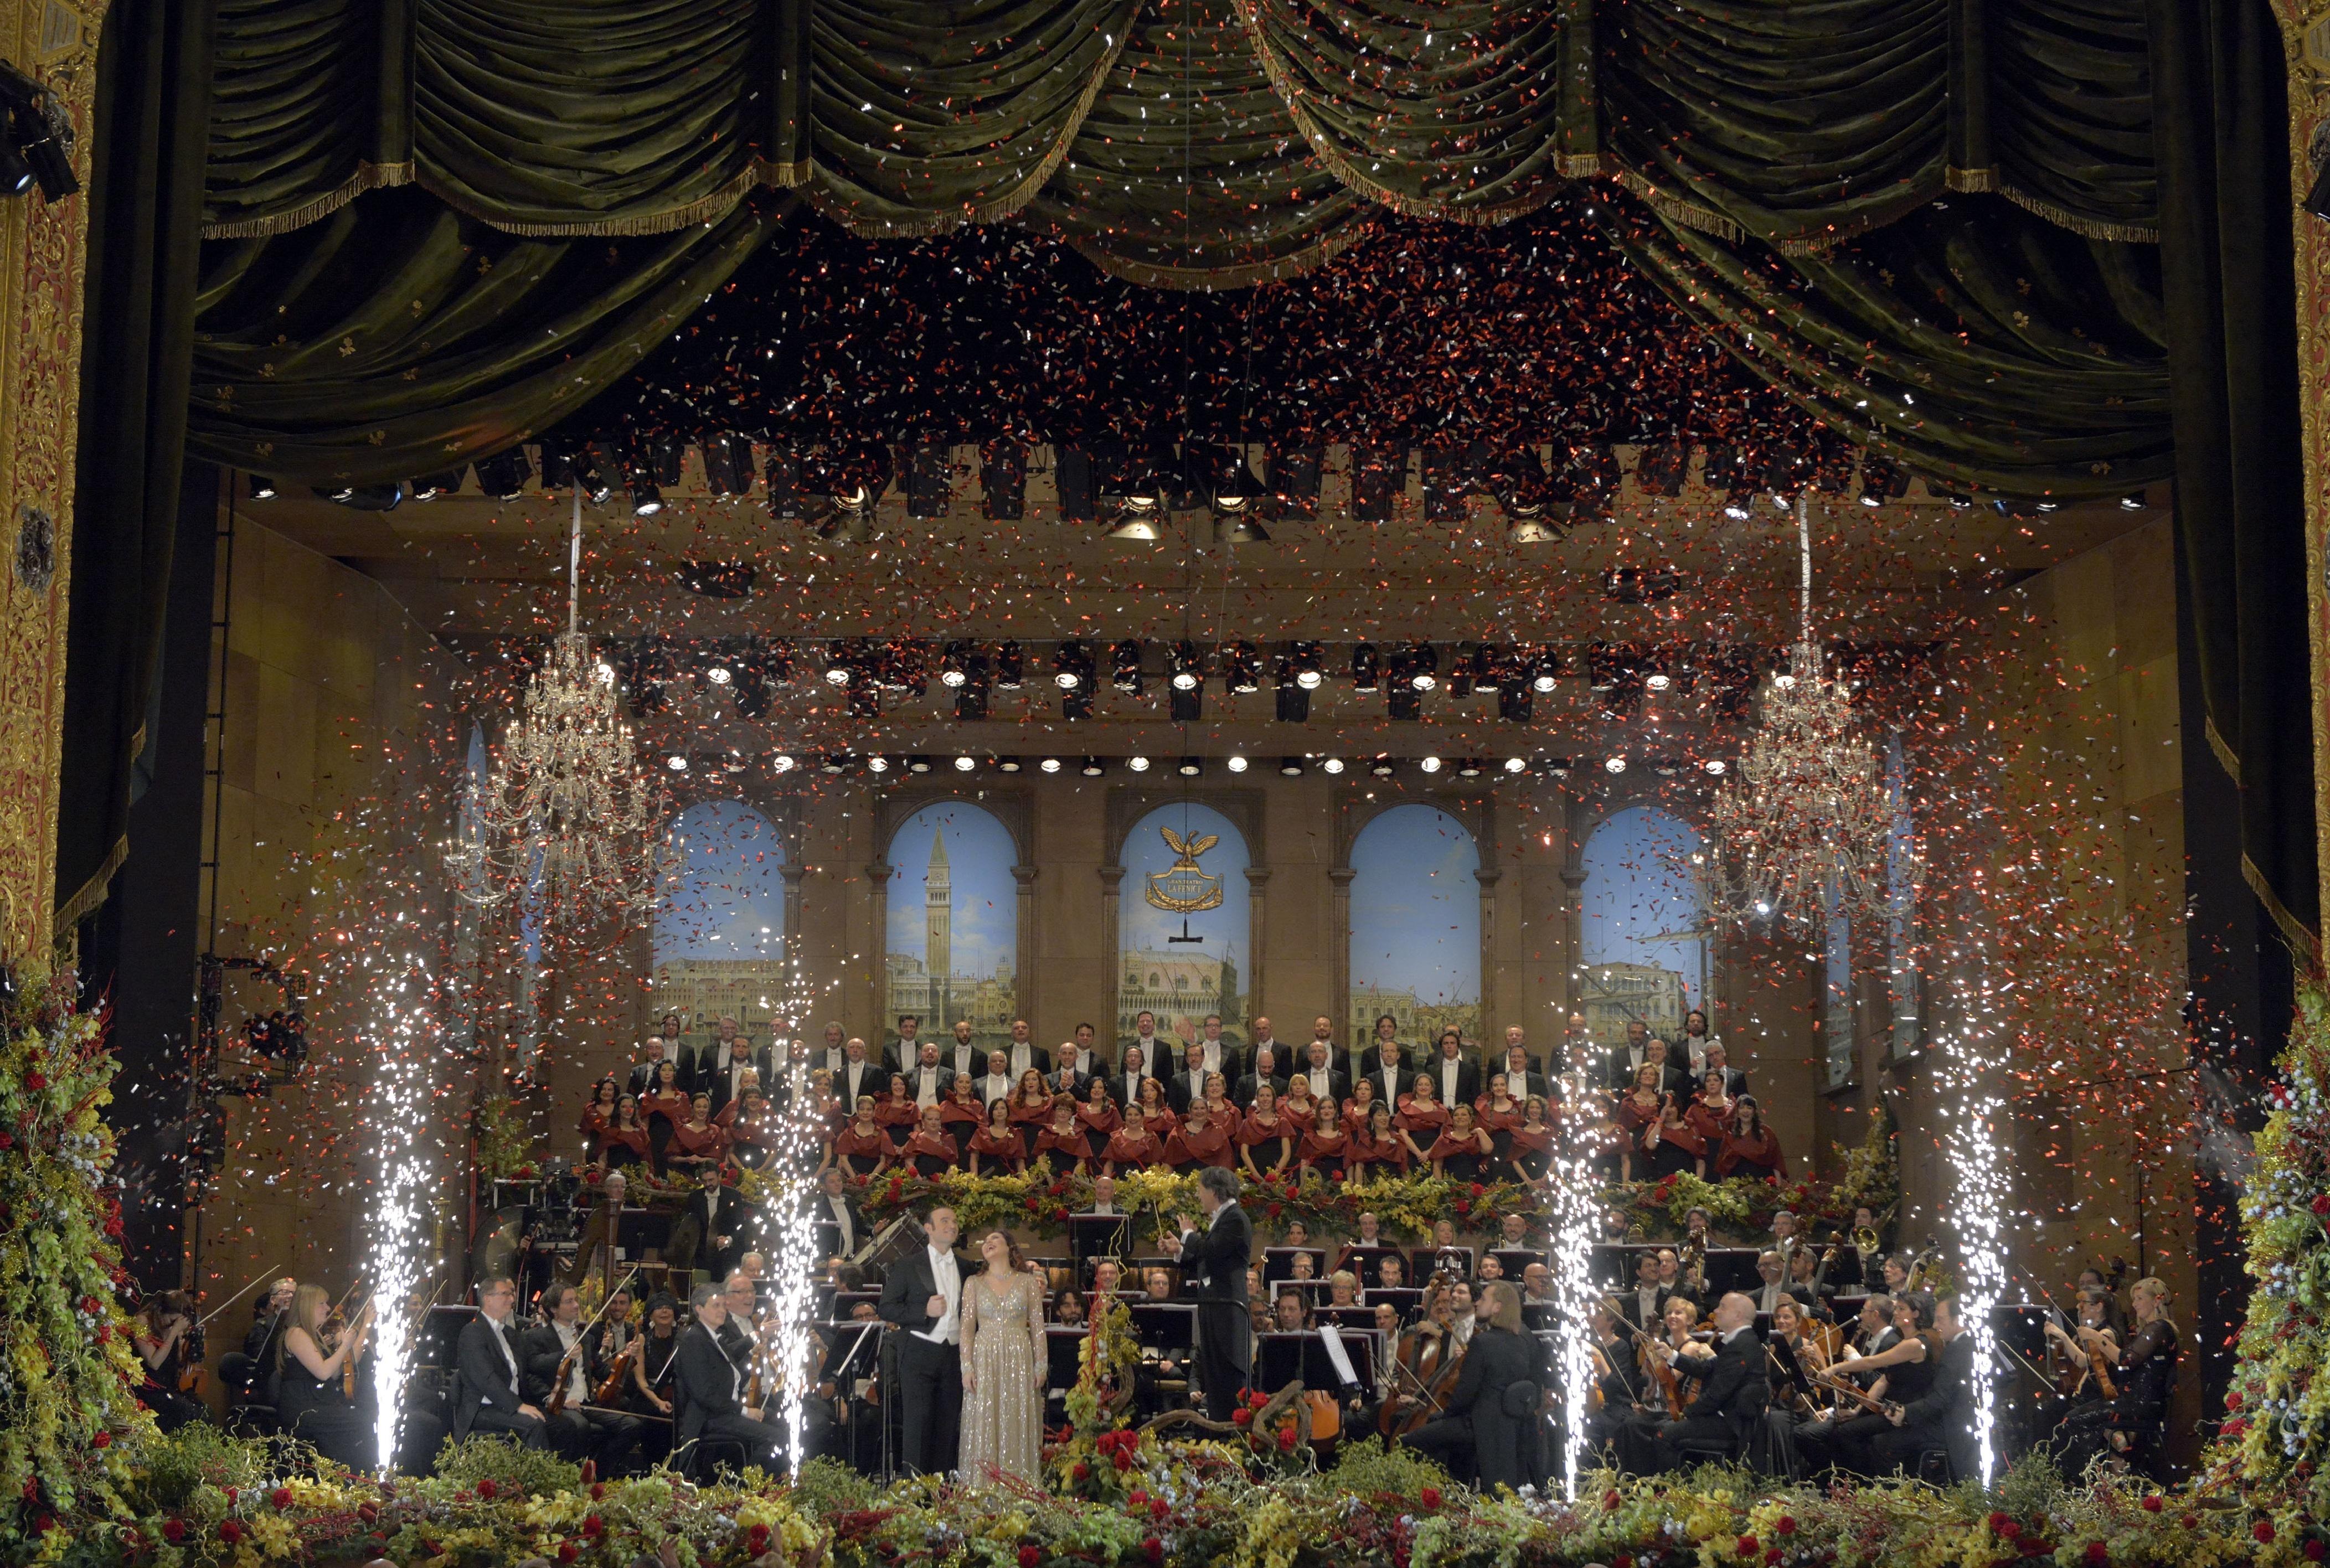 Capodanno A Venezia Con Concerto Al Gran Teatro La Fenice